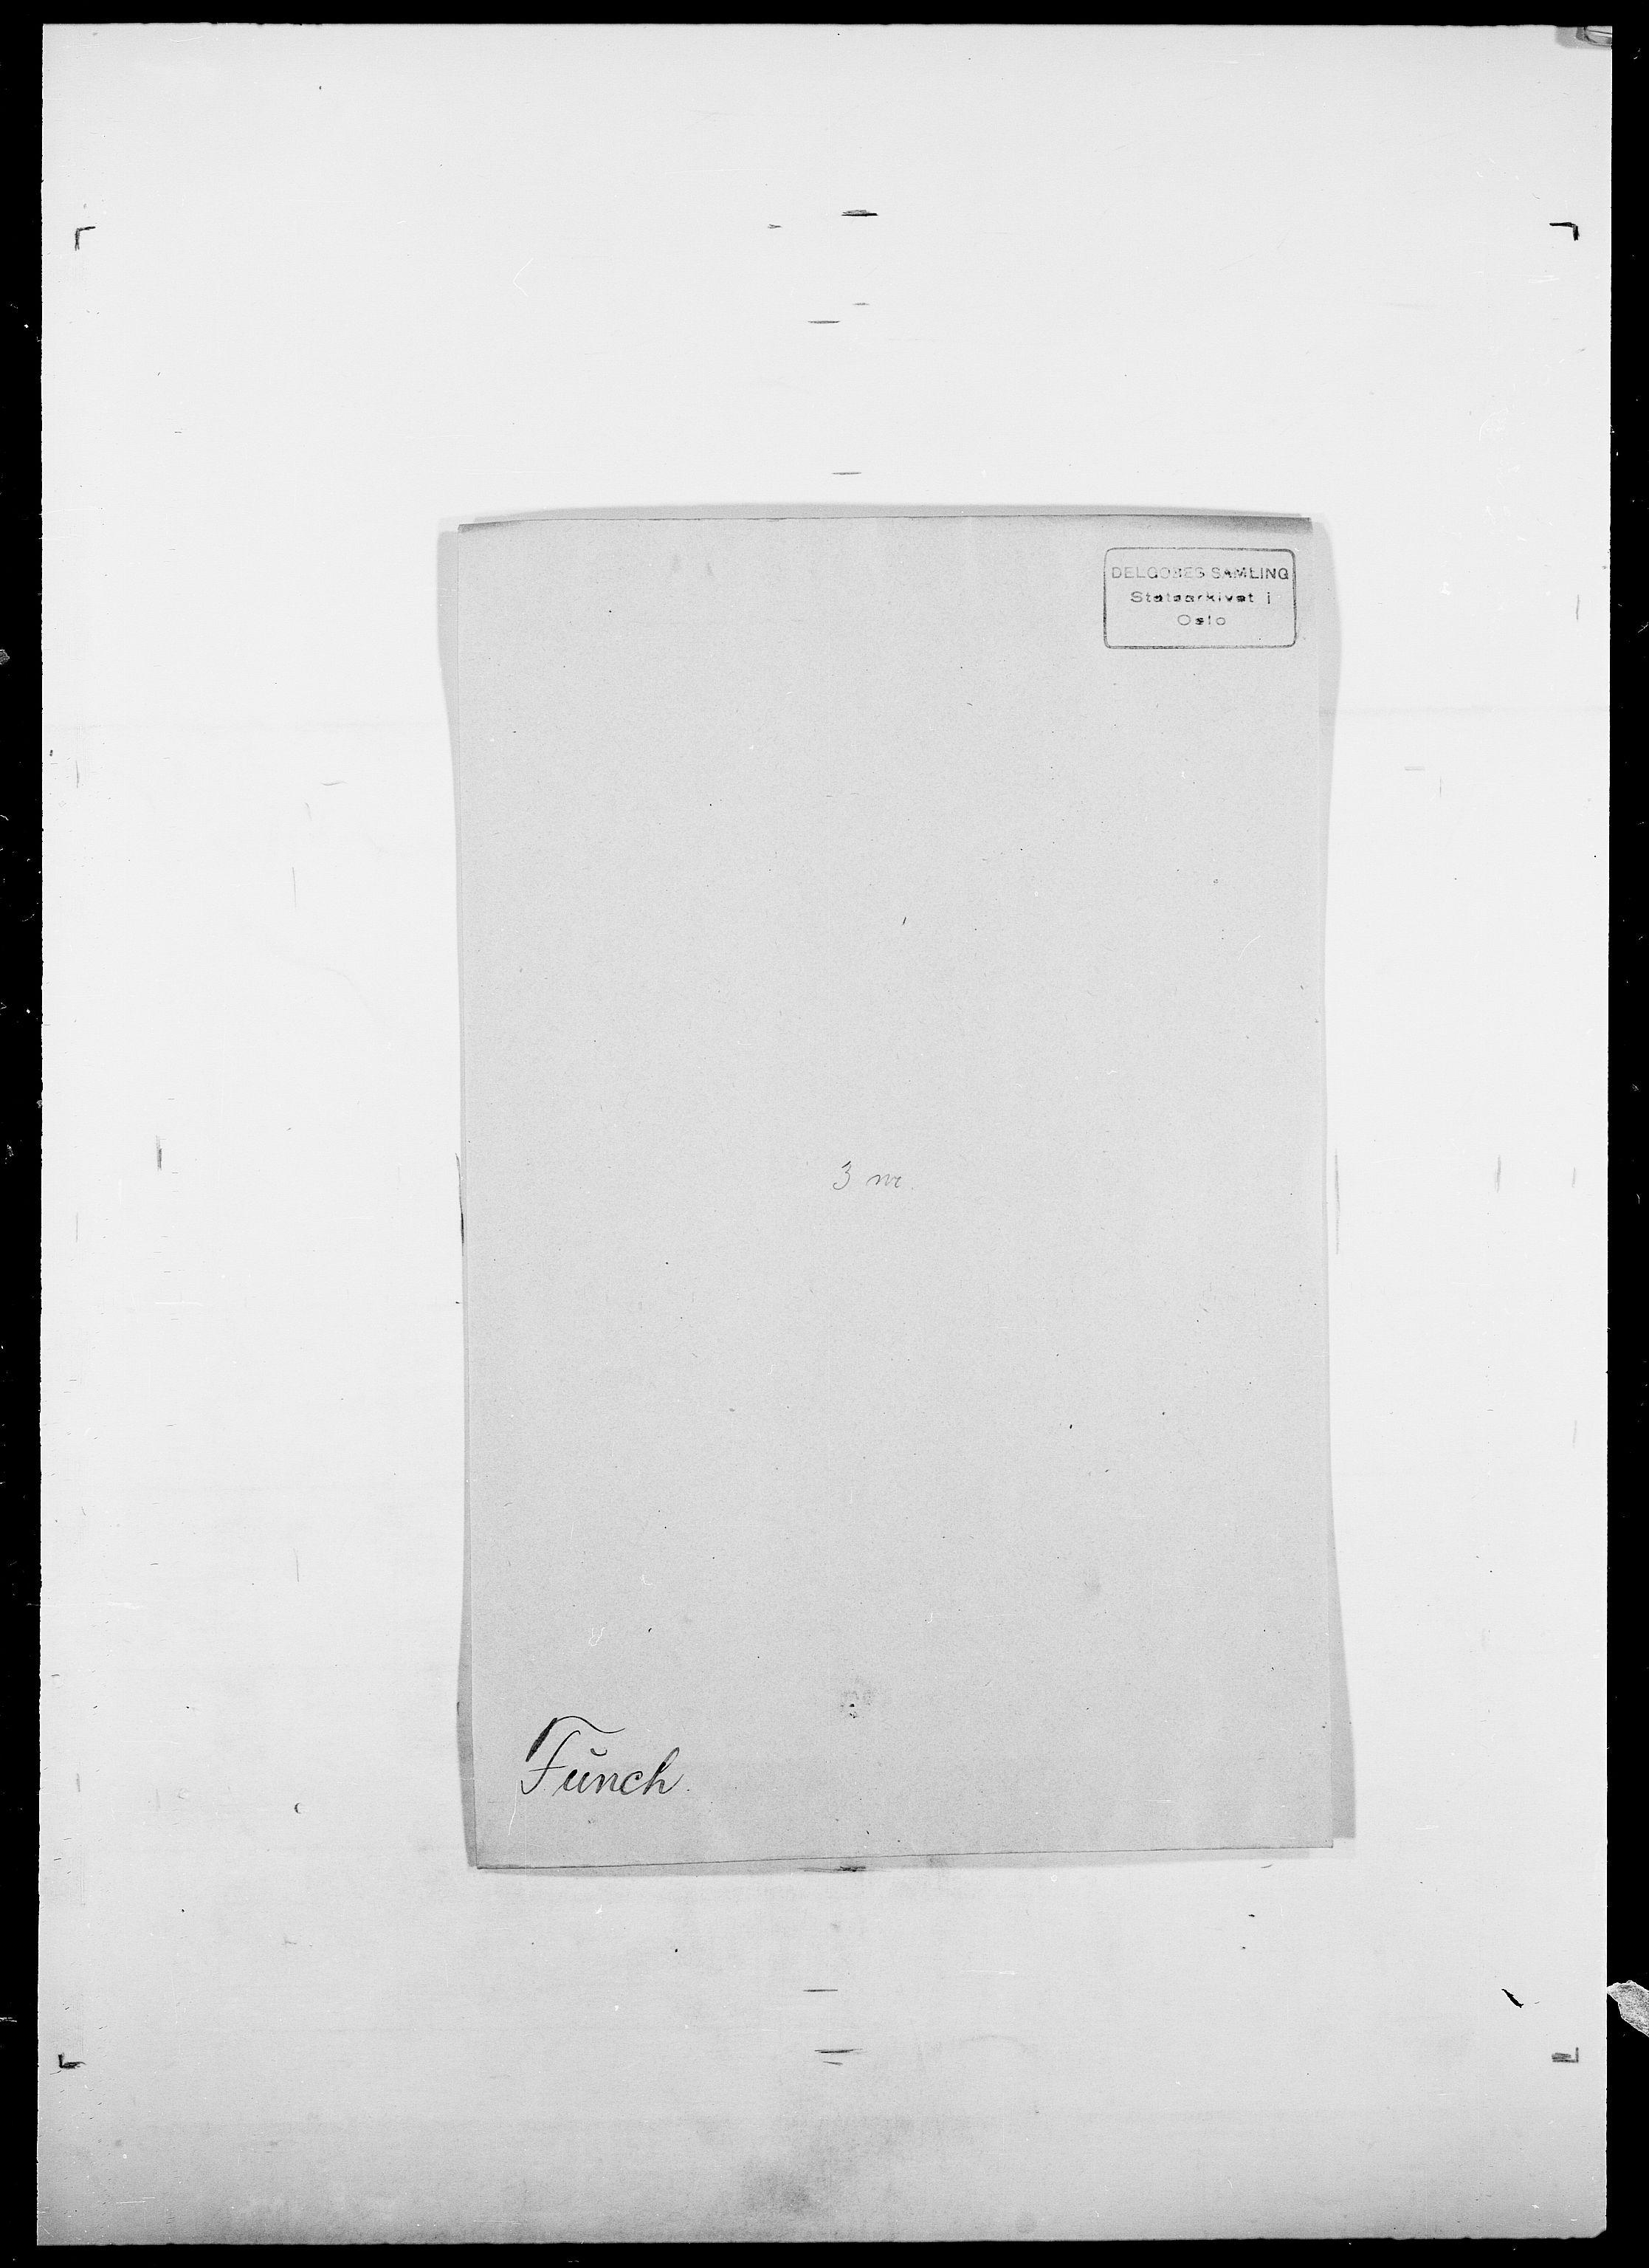 SAO, Delgobe, Charles Antoine - samling, D/Da/L0013: Forbos - Geving, s. 198